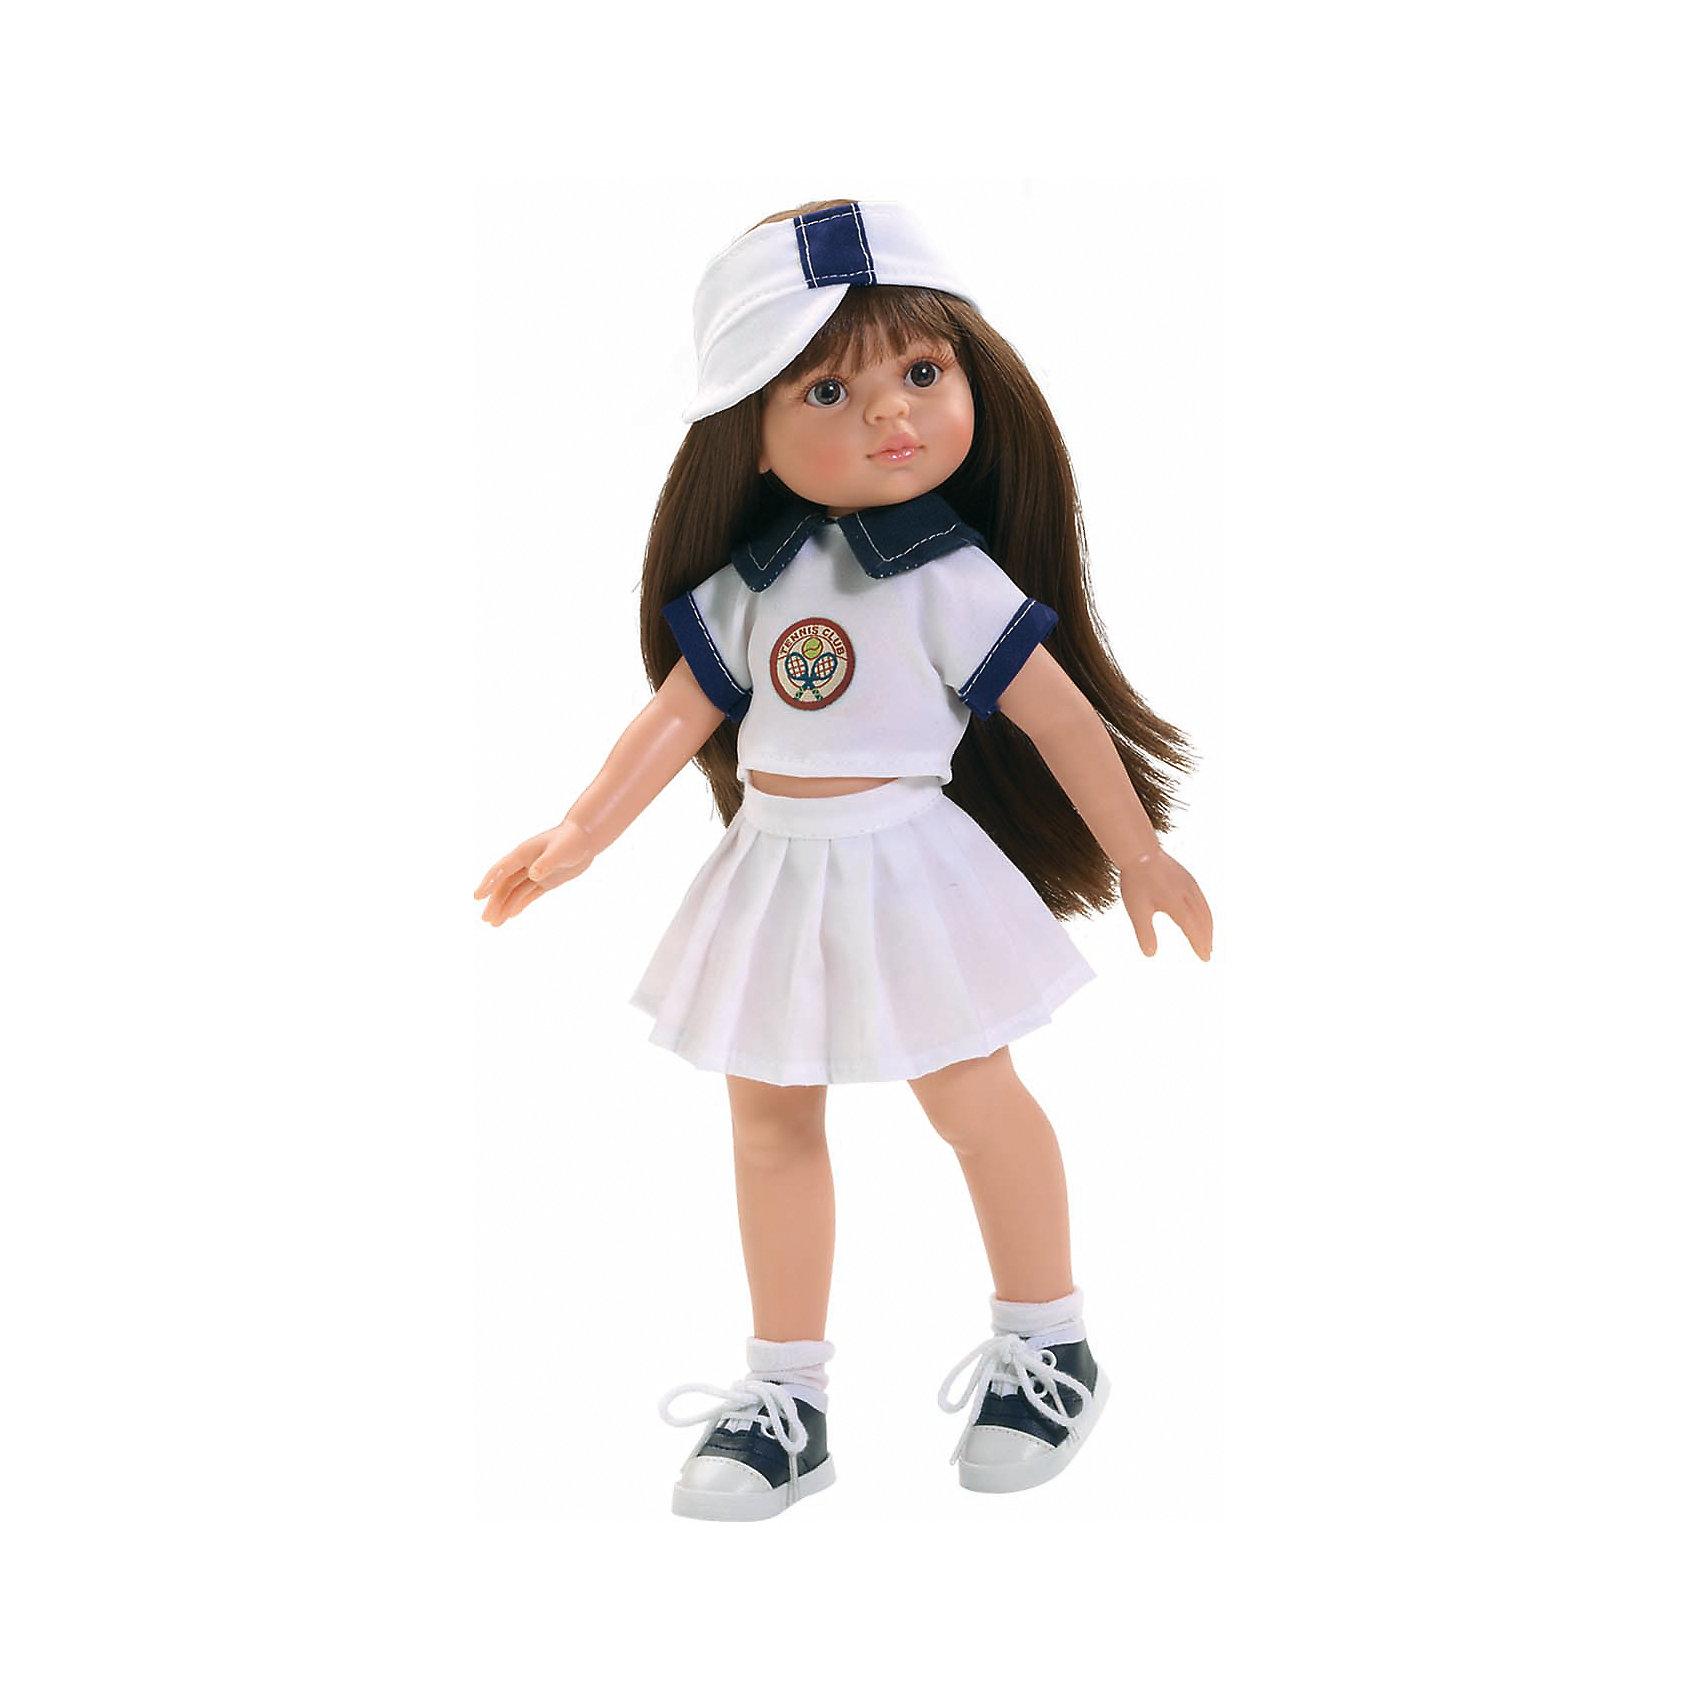 Кукла Кэрол теннисистка, 32см, Paola ReinaКукла Кэрол теннисистка, 32см, Paola Reina (Паола Рейна) – очаровательная кукла станет прекрасным подарком для вашей девочки.<br>Кукла Кэрол теннисистка, Paola Reina (Паола Рейна) – красивая кукла, которая с радостью станет верной подружкой вашей девочке. У куклы красивые большие карие глазки, невероятно длинные реснички и темные волосы, которые малышка сможет расчесывать и укладывать в самые разнообразные прически. Кэрол одета, как и полагается модным теннисисткам, в мини-юбку, футболку с синим воротничком, на голове – козырек от солнца. На ногах – белые носочки и сине-белые кеды со шнуровкой. Кукла имеет уникальный, неповторимый дизайн лица и тела - все мельчайшие делали, идеально выполнены и проработаны. Голова, руки и ножки двигаются, глаза не закрываются. Особый шарм кукле придает приятный и легкий ванильный аромат. Кукла изготовлена из качественного и экологически чистого винила. Благодаря пяти точкам артикуляции и мягкости винила, ее удобно переодевать.<br><br>Дополнительная информация:<br><br>- Ручная работа (ресницы, щечки, губы, прическа) делает кукол от Paola Reina настолько натуральными, что их лицо выглядит совсем как живое<br>- Волосы очень похожи на натуральные, они легко расчесываются и блестят<br>- Эксклюзивная одежда из высококачественного текстиля<br>- Материалы: кукла изготовлена из винила, глаза выполнены в виде кристалла из прозрачного твердого пластика, волосы сделаны из высококачественного нейлона<br>- Национальность: европейка<br>- Рост куклы: 32 см.<br>- Упаковка: картонная коробка<br>- Качество подтверждено нормами безопасности EN17 ЕЭС<br><br>Куклу Кэрол теннисистка, 32см, Paola Reina (Паола Рейна) можно купить в нашем интернет-магазине.<br><br>Ширина мм: 110<br>Глубина мм: 230<br>Высота мм: 410<br>Вес г: 667<br>Возраст от месяцев: 36<br>Возраст до месяцев: 144<br>Пол: Женский<br>Возраст: Детский<br>SKU: 4243812